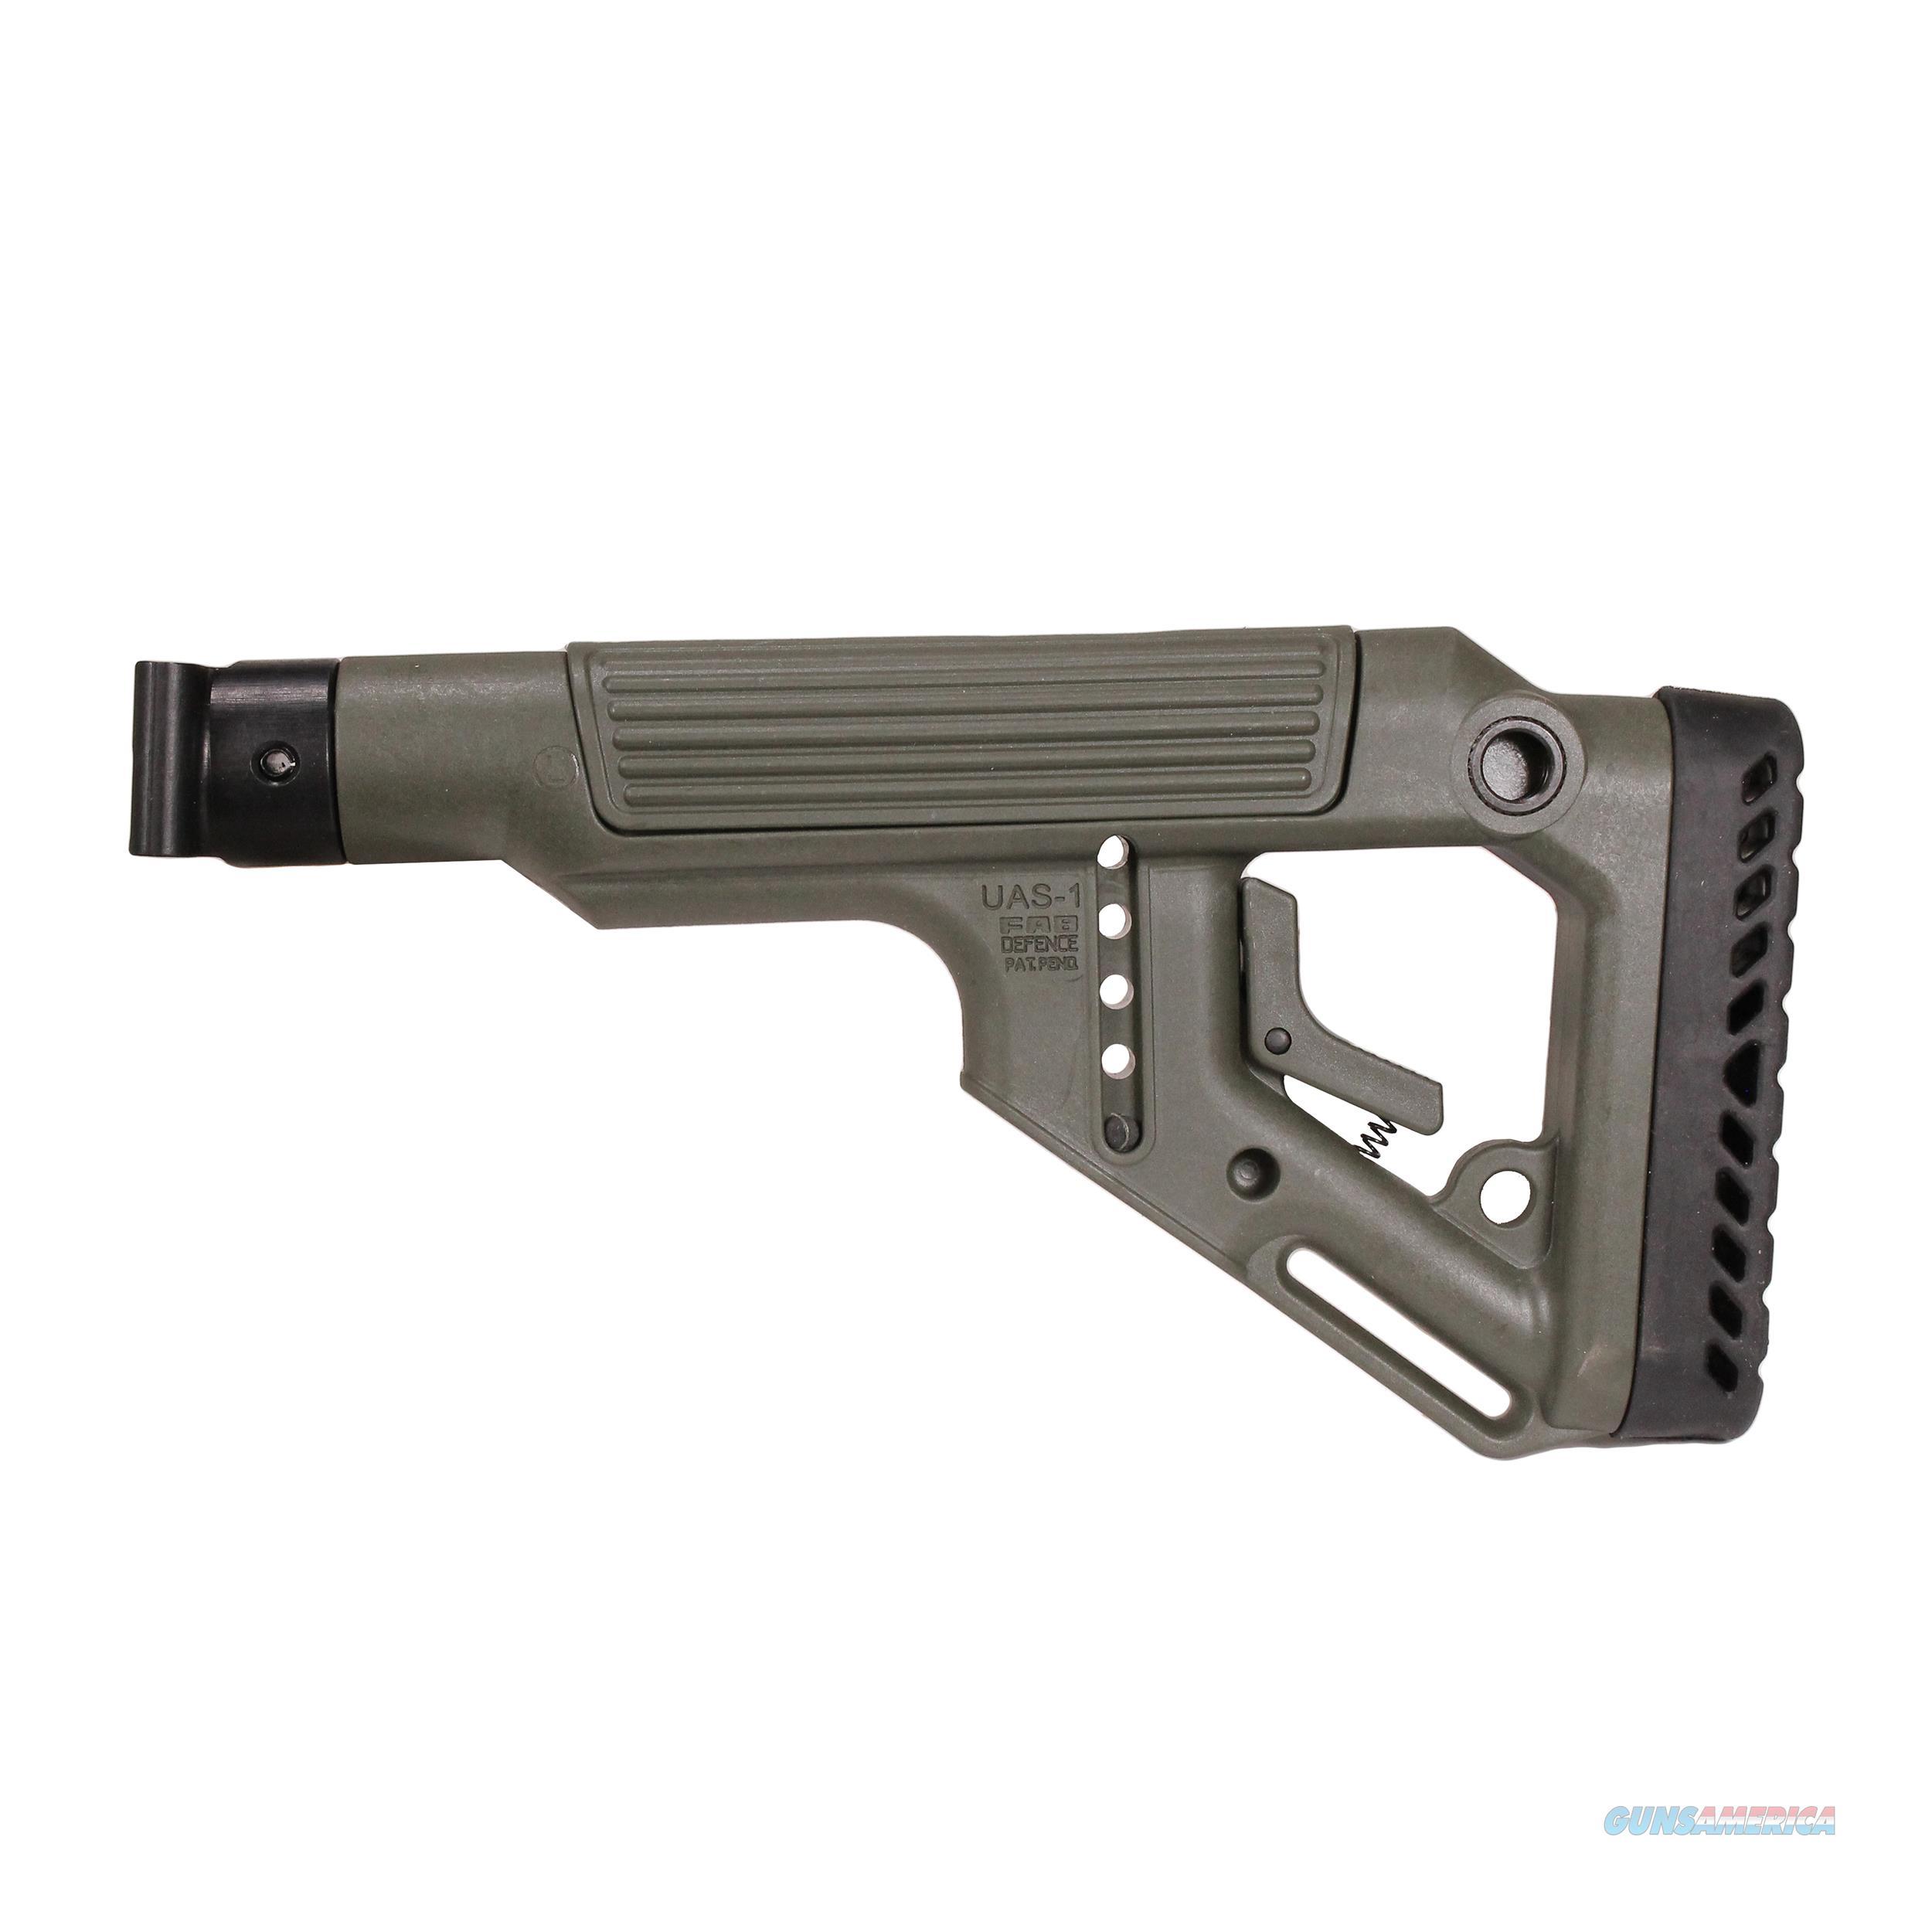 Mako Group Tactical Folding Buttstock With Cheek Riser UAS-SAIGAP-OD  Non-Guns > Gunstocks, Grips & Wood